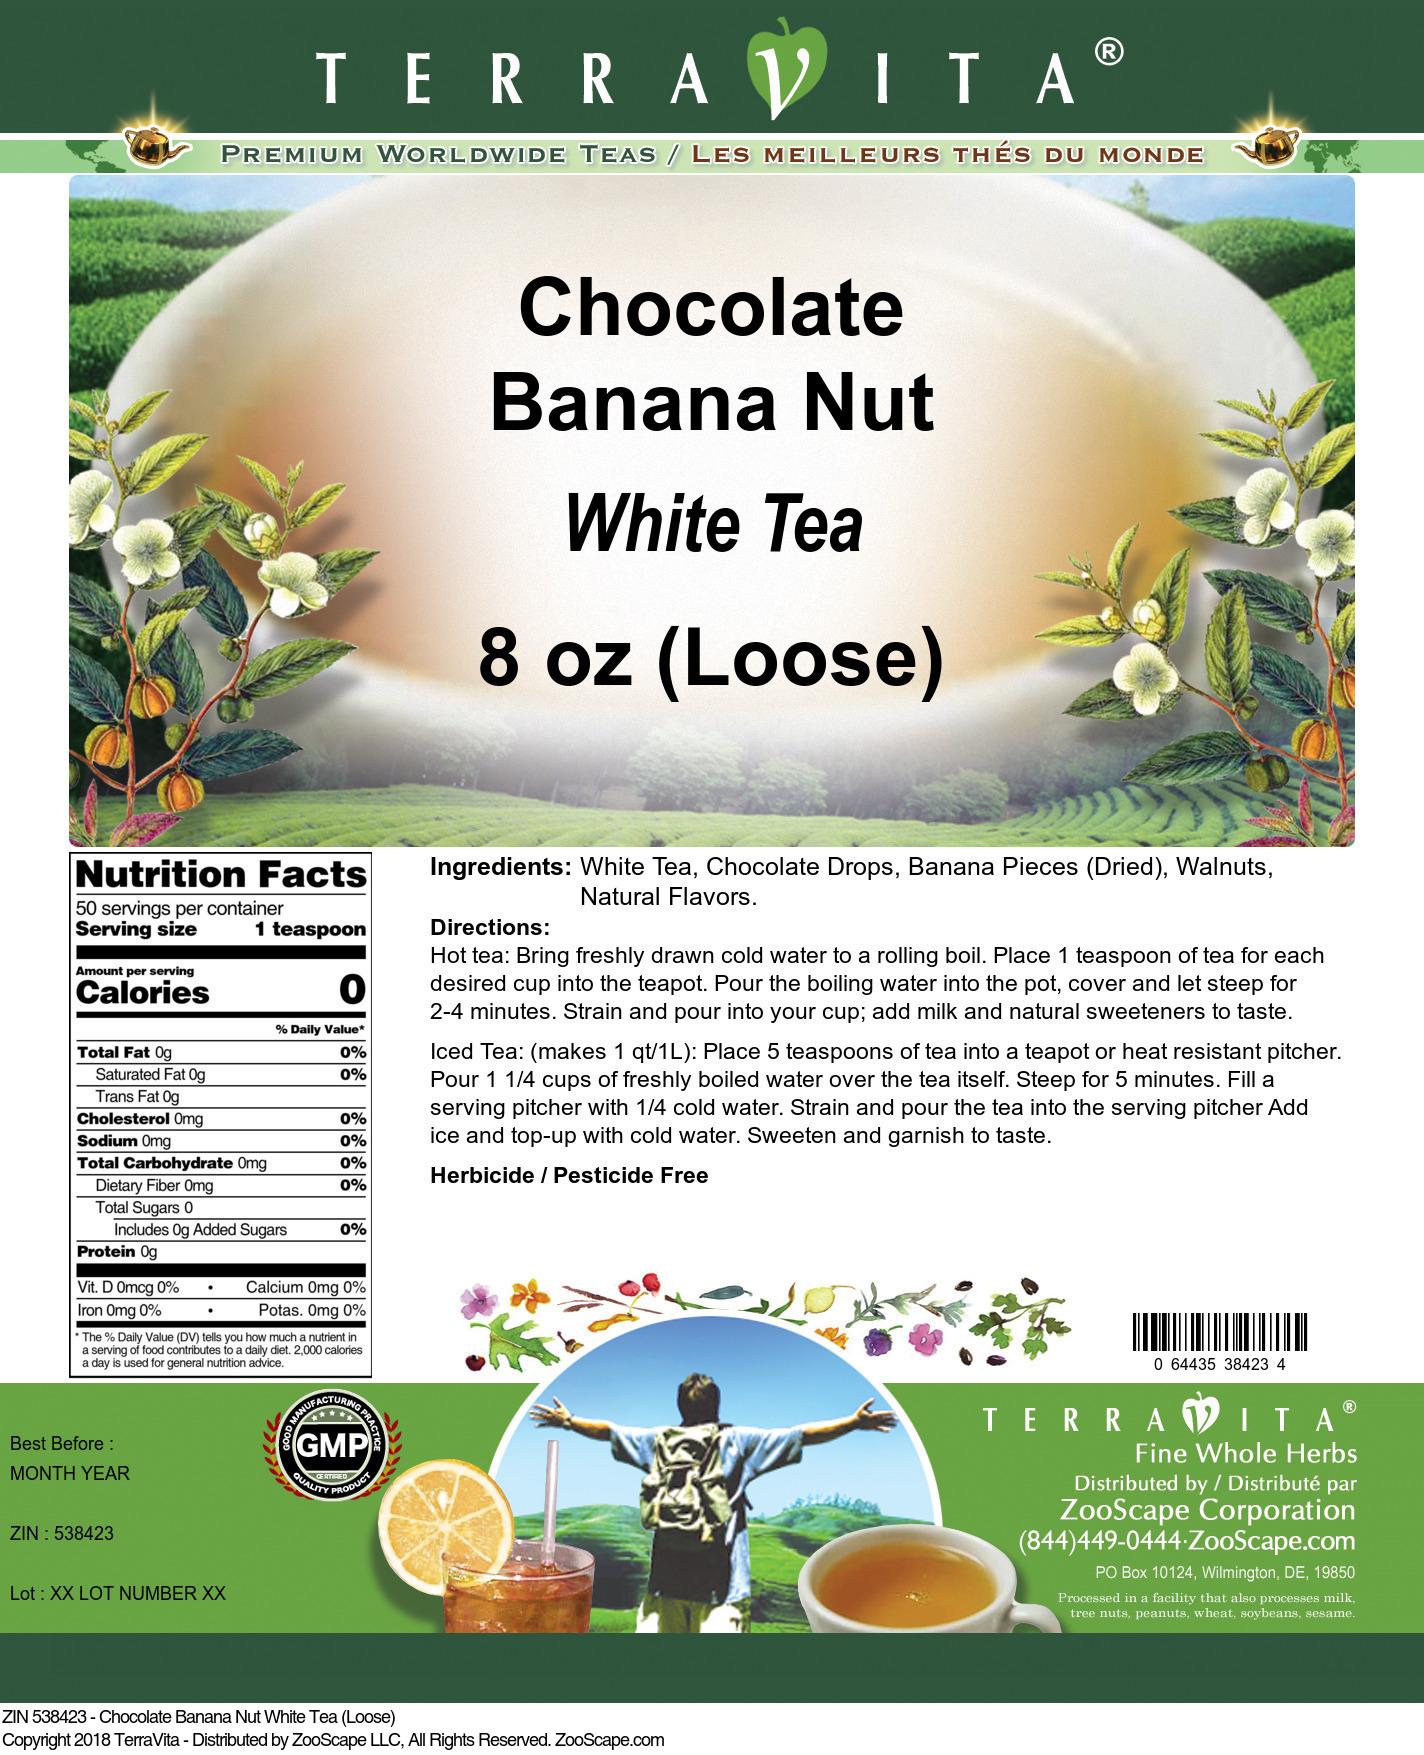 Chocolate Banana Nut White Tea (Loose)